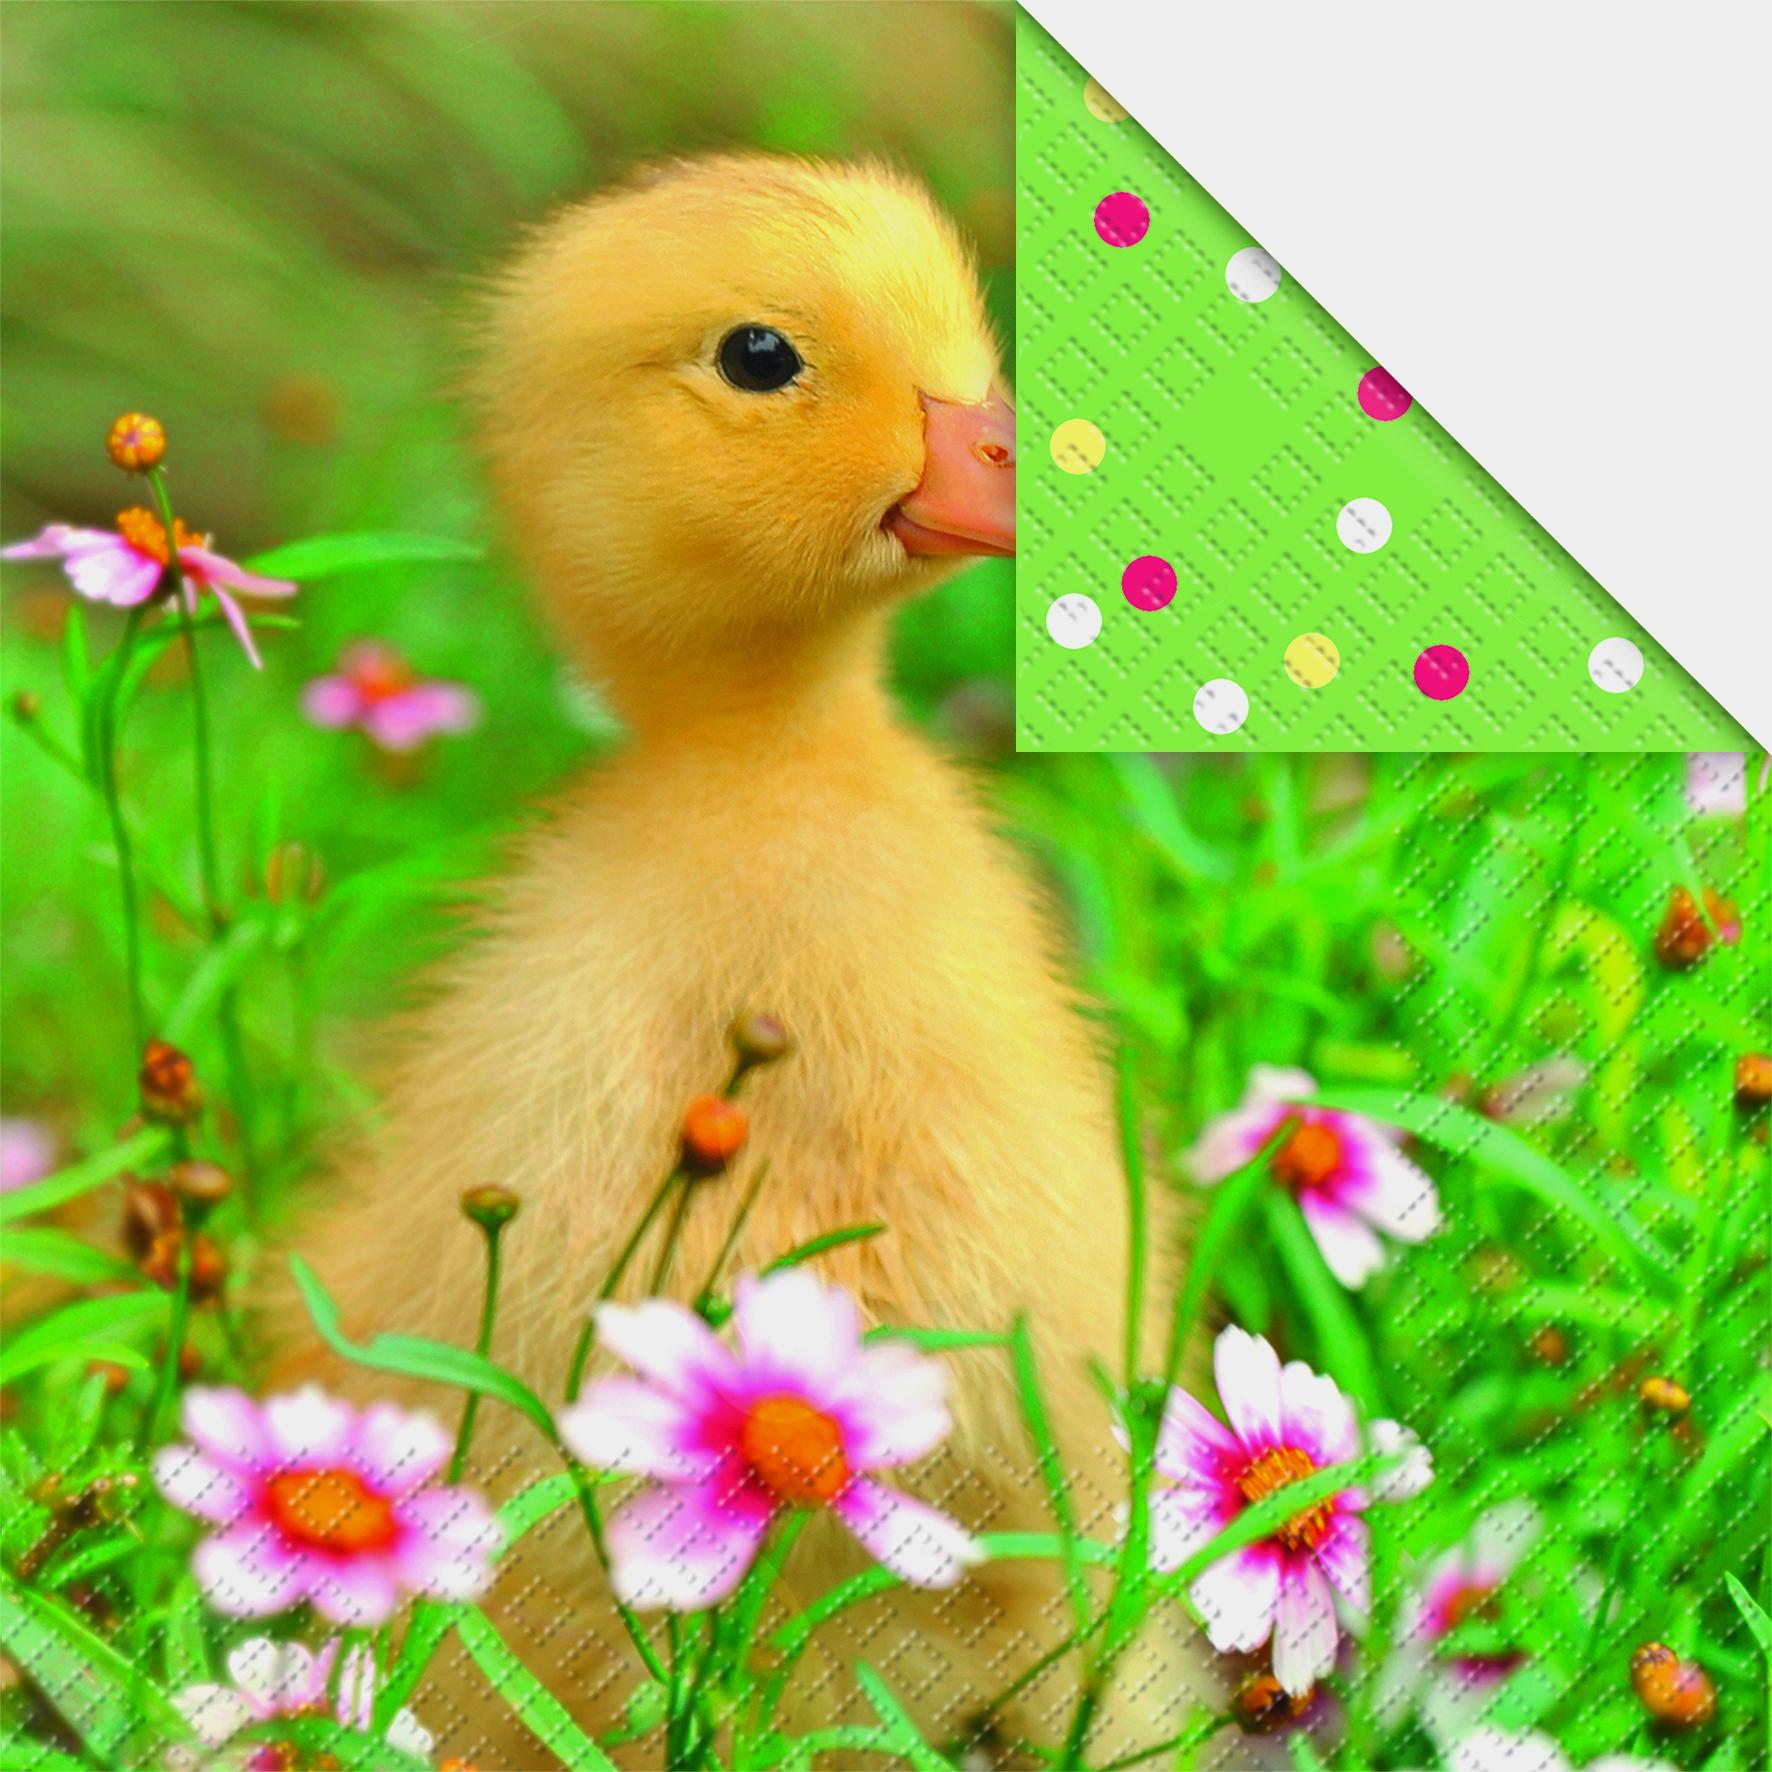 stewo AG,  Blumen -  Sonstige,  Tiere - Kücken,  Regionen - Wald / Wiesen,  Ostern,  lunchservietten,  Küken,  Blumen